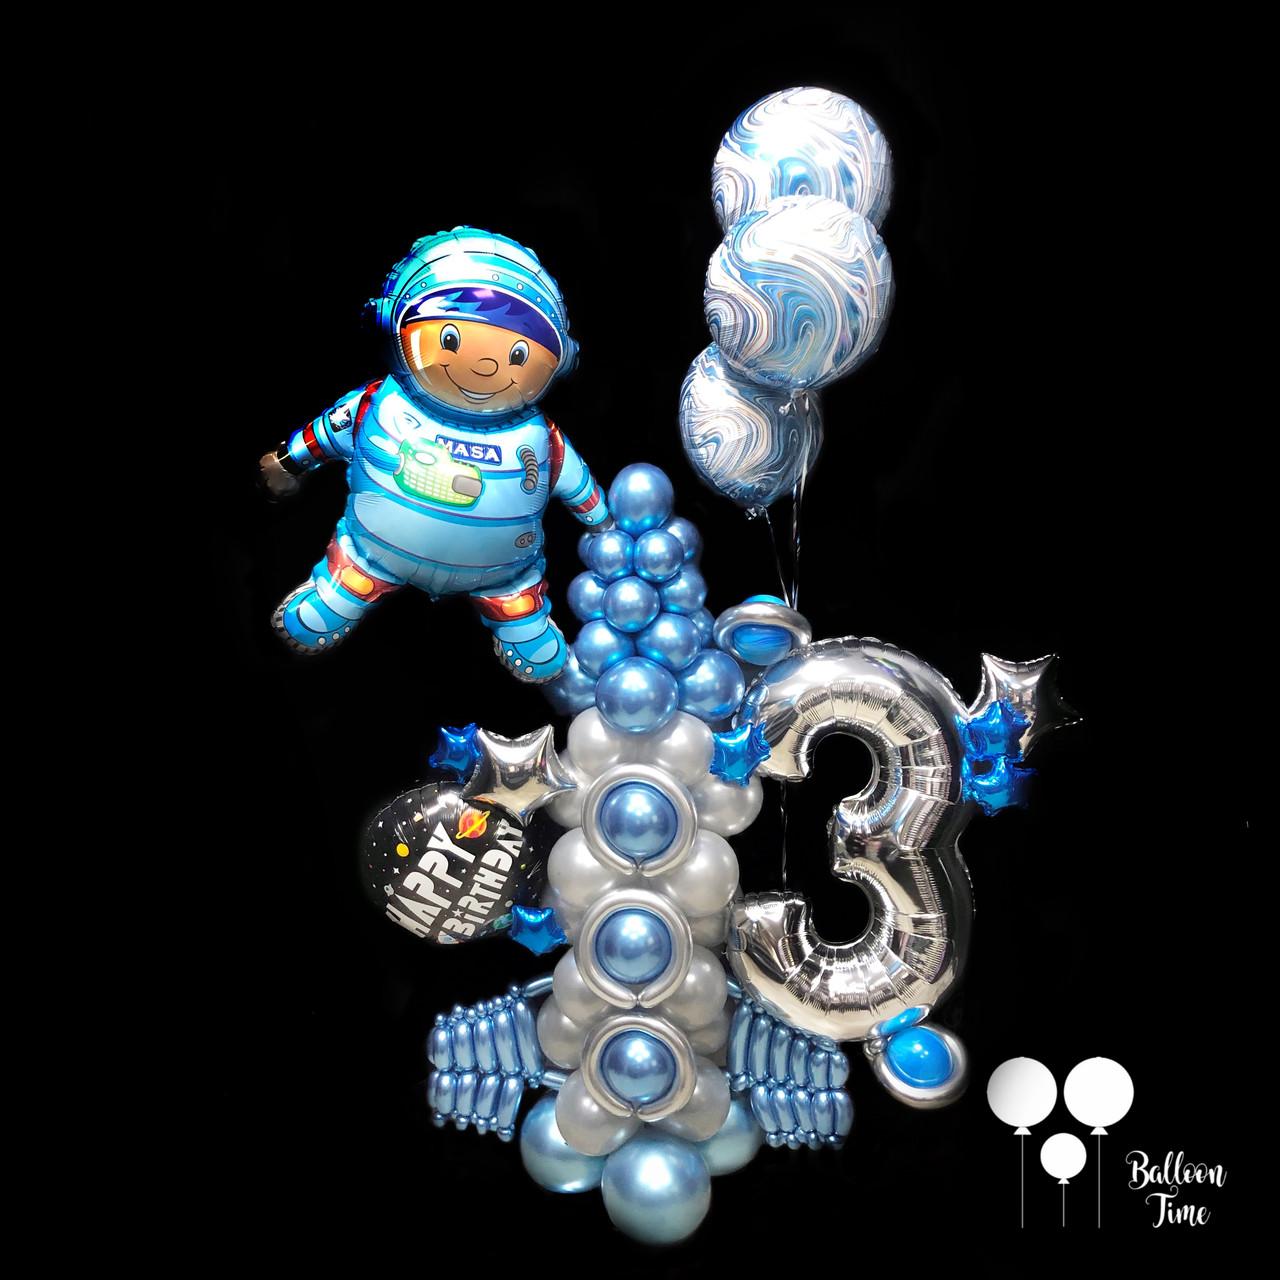 Космическая композиция с цифрой из воздушных шаров